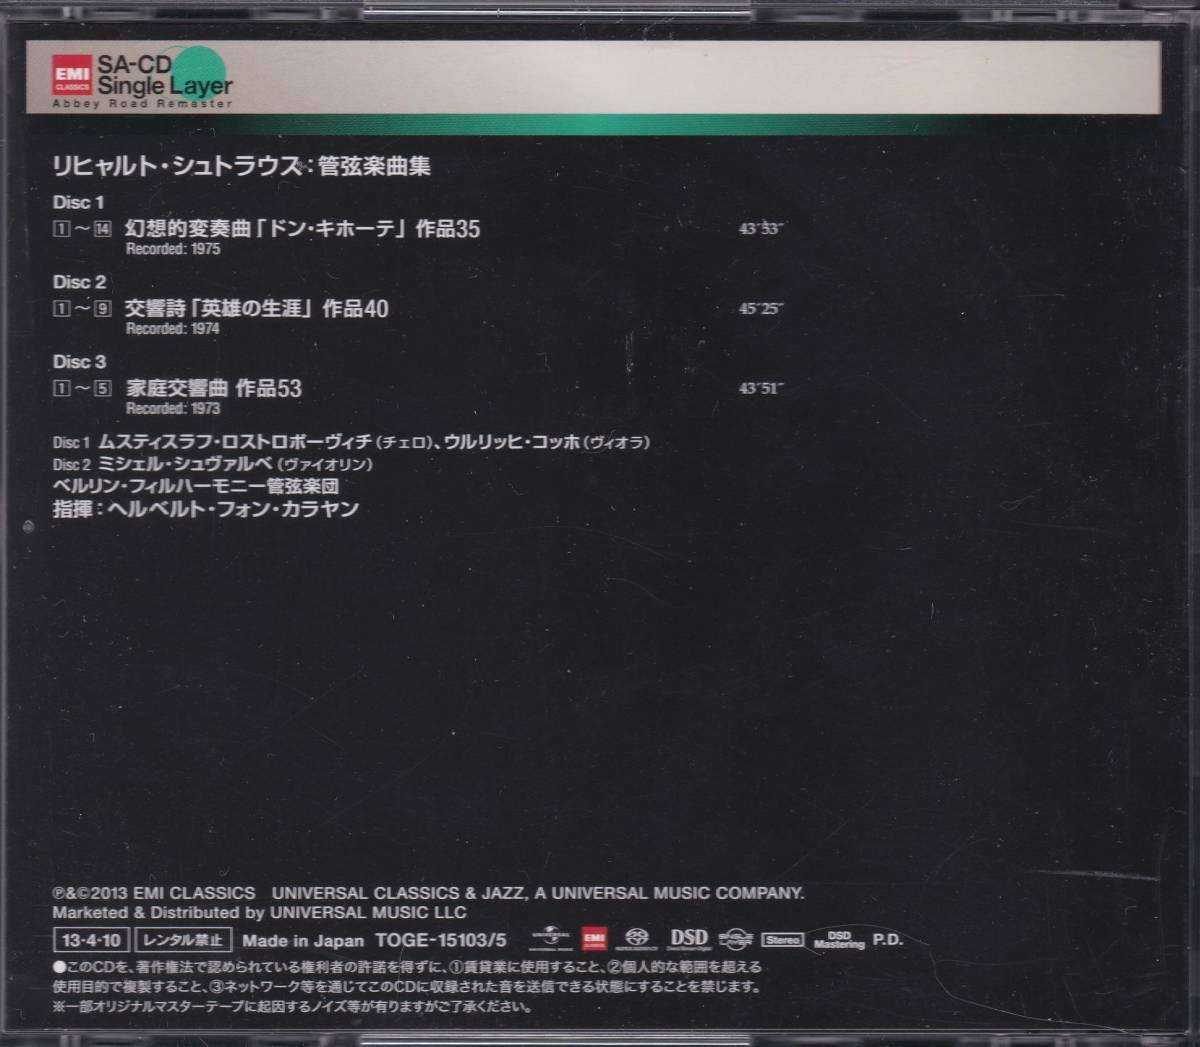 ♪SACDシングル♪カラヤン R,シュトラウス 管弦楽曲集 3CD Single Layer_画像2